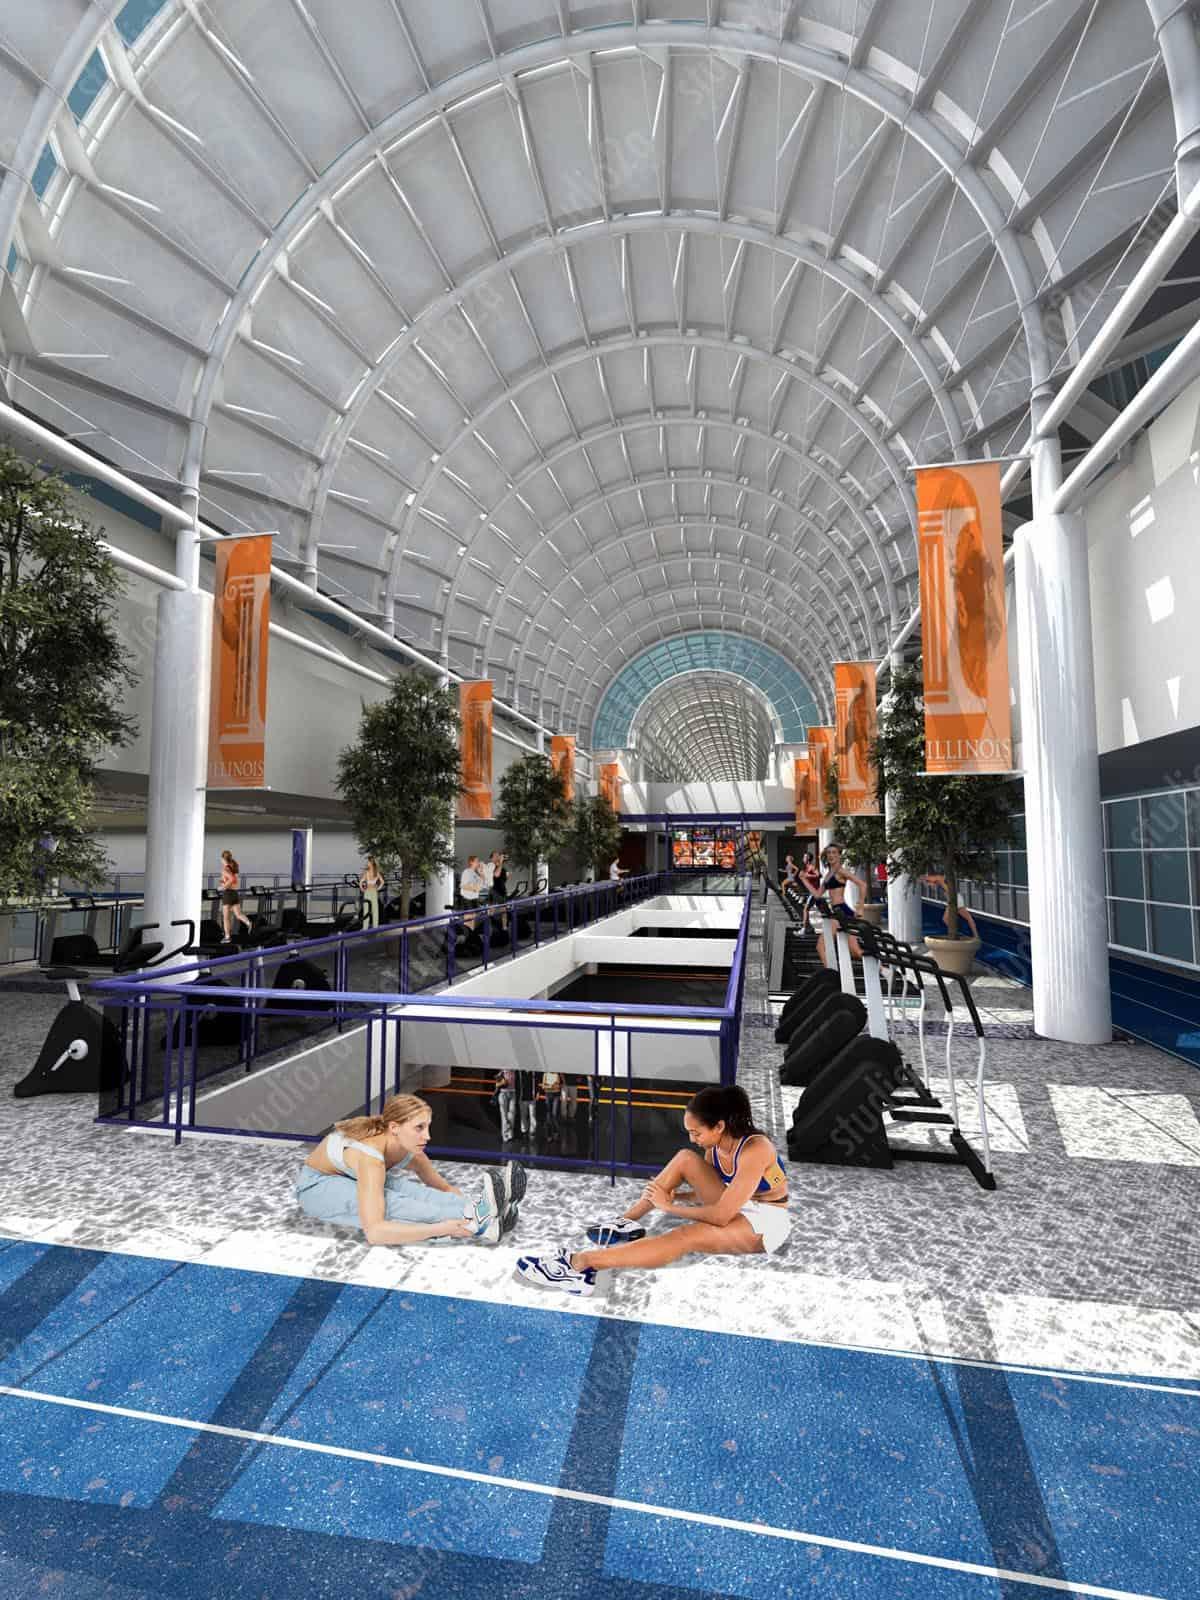 Rec Center Design Renderings U Of Illinois Rec Cetner